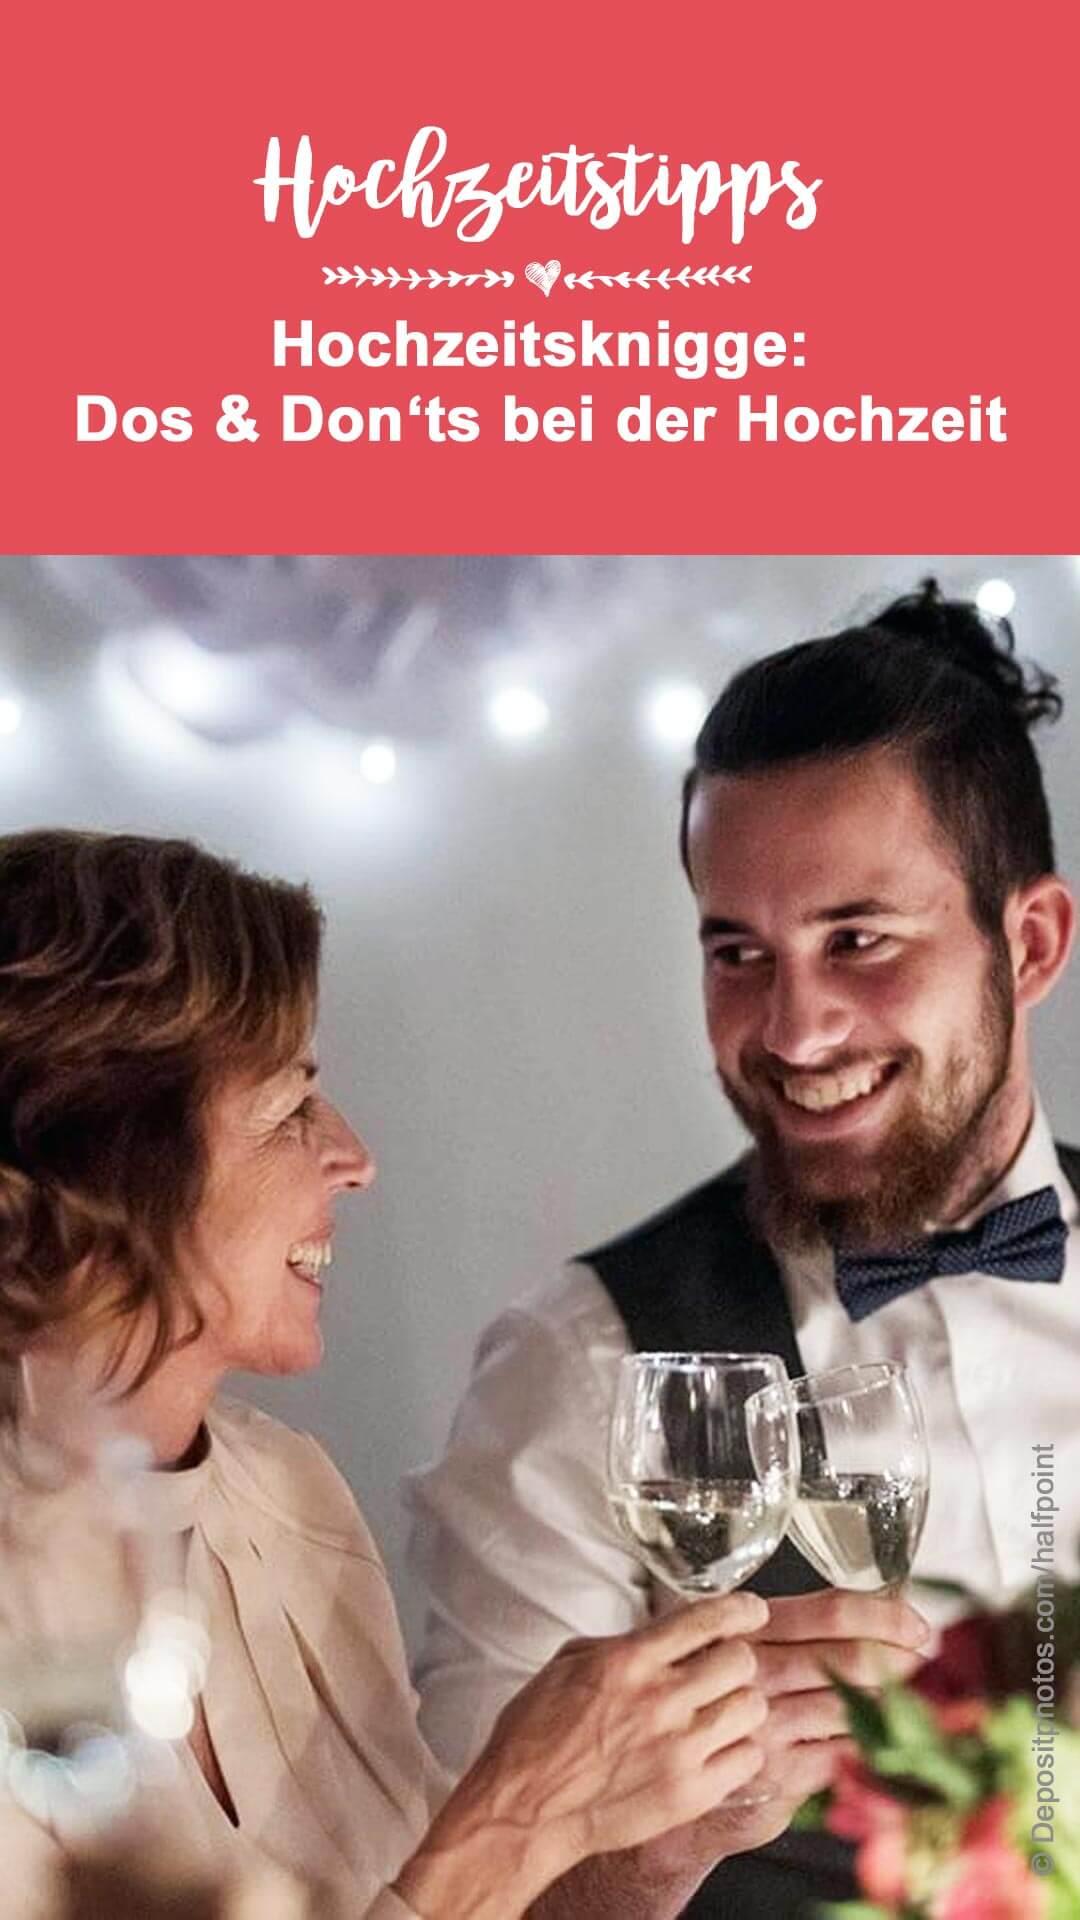 Hochzeitsregeln